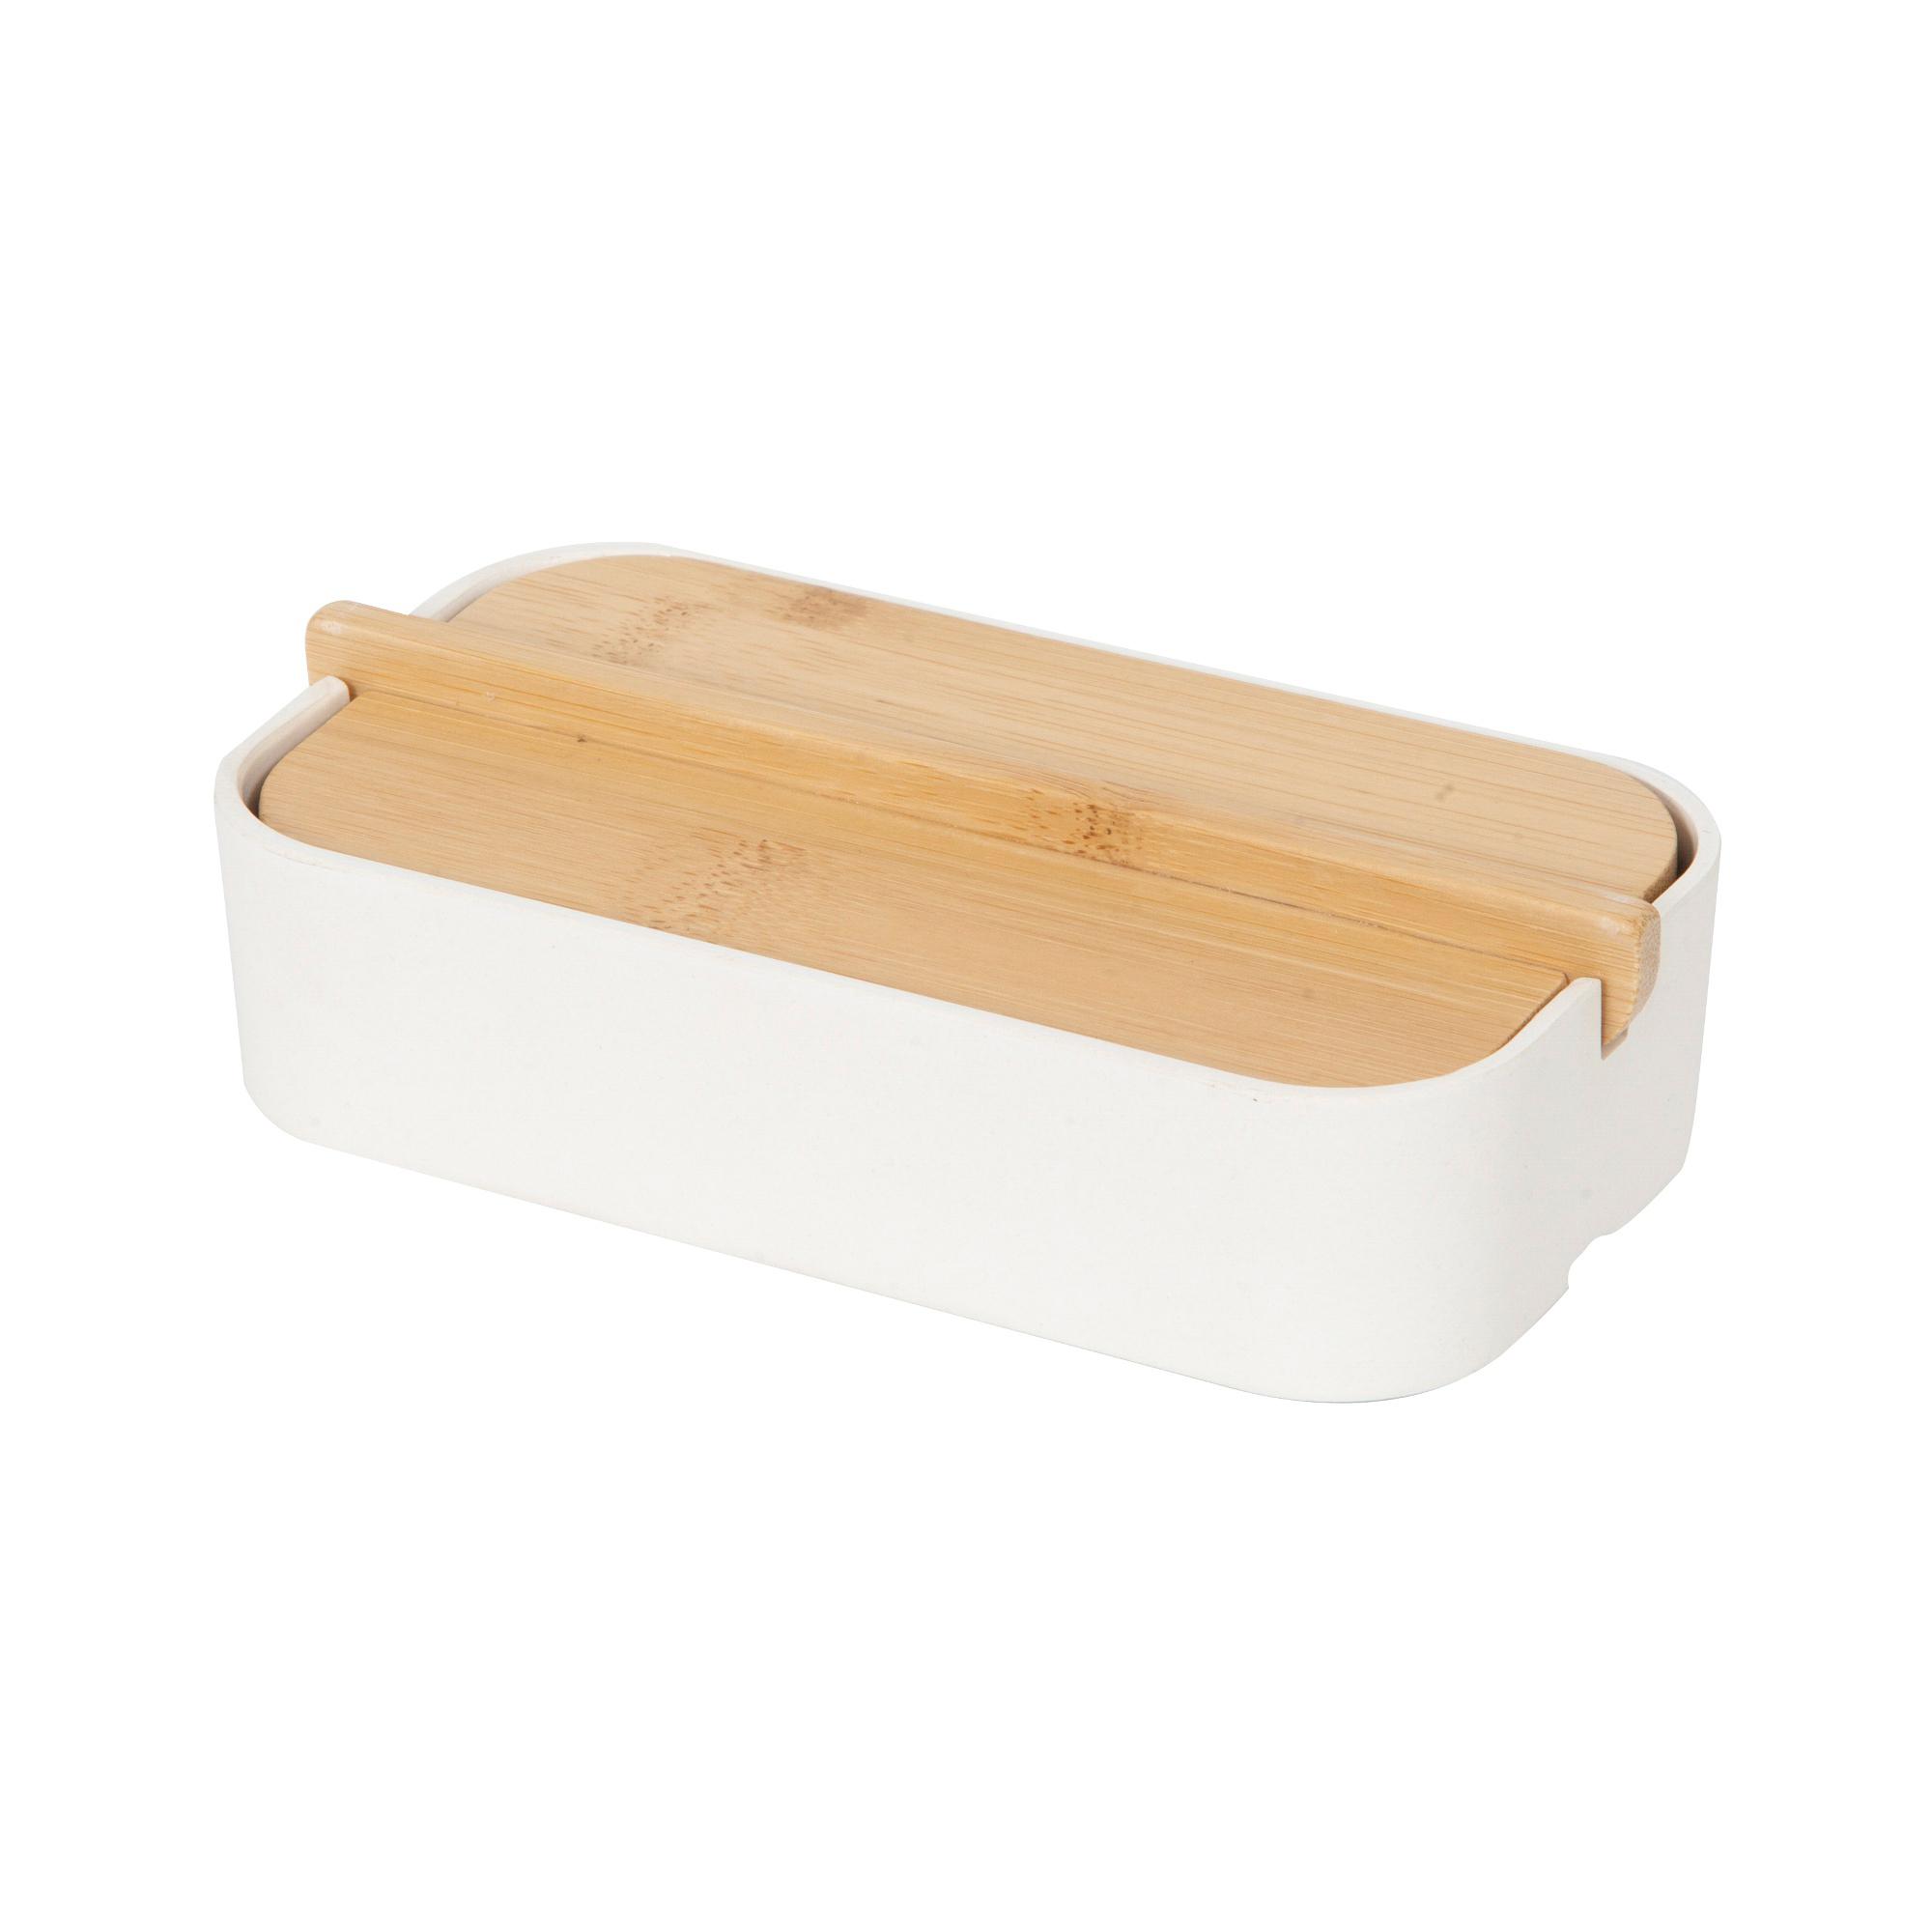 Boîte de rangement en bambou 15,4x8,3cm